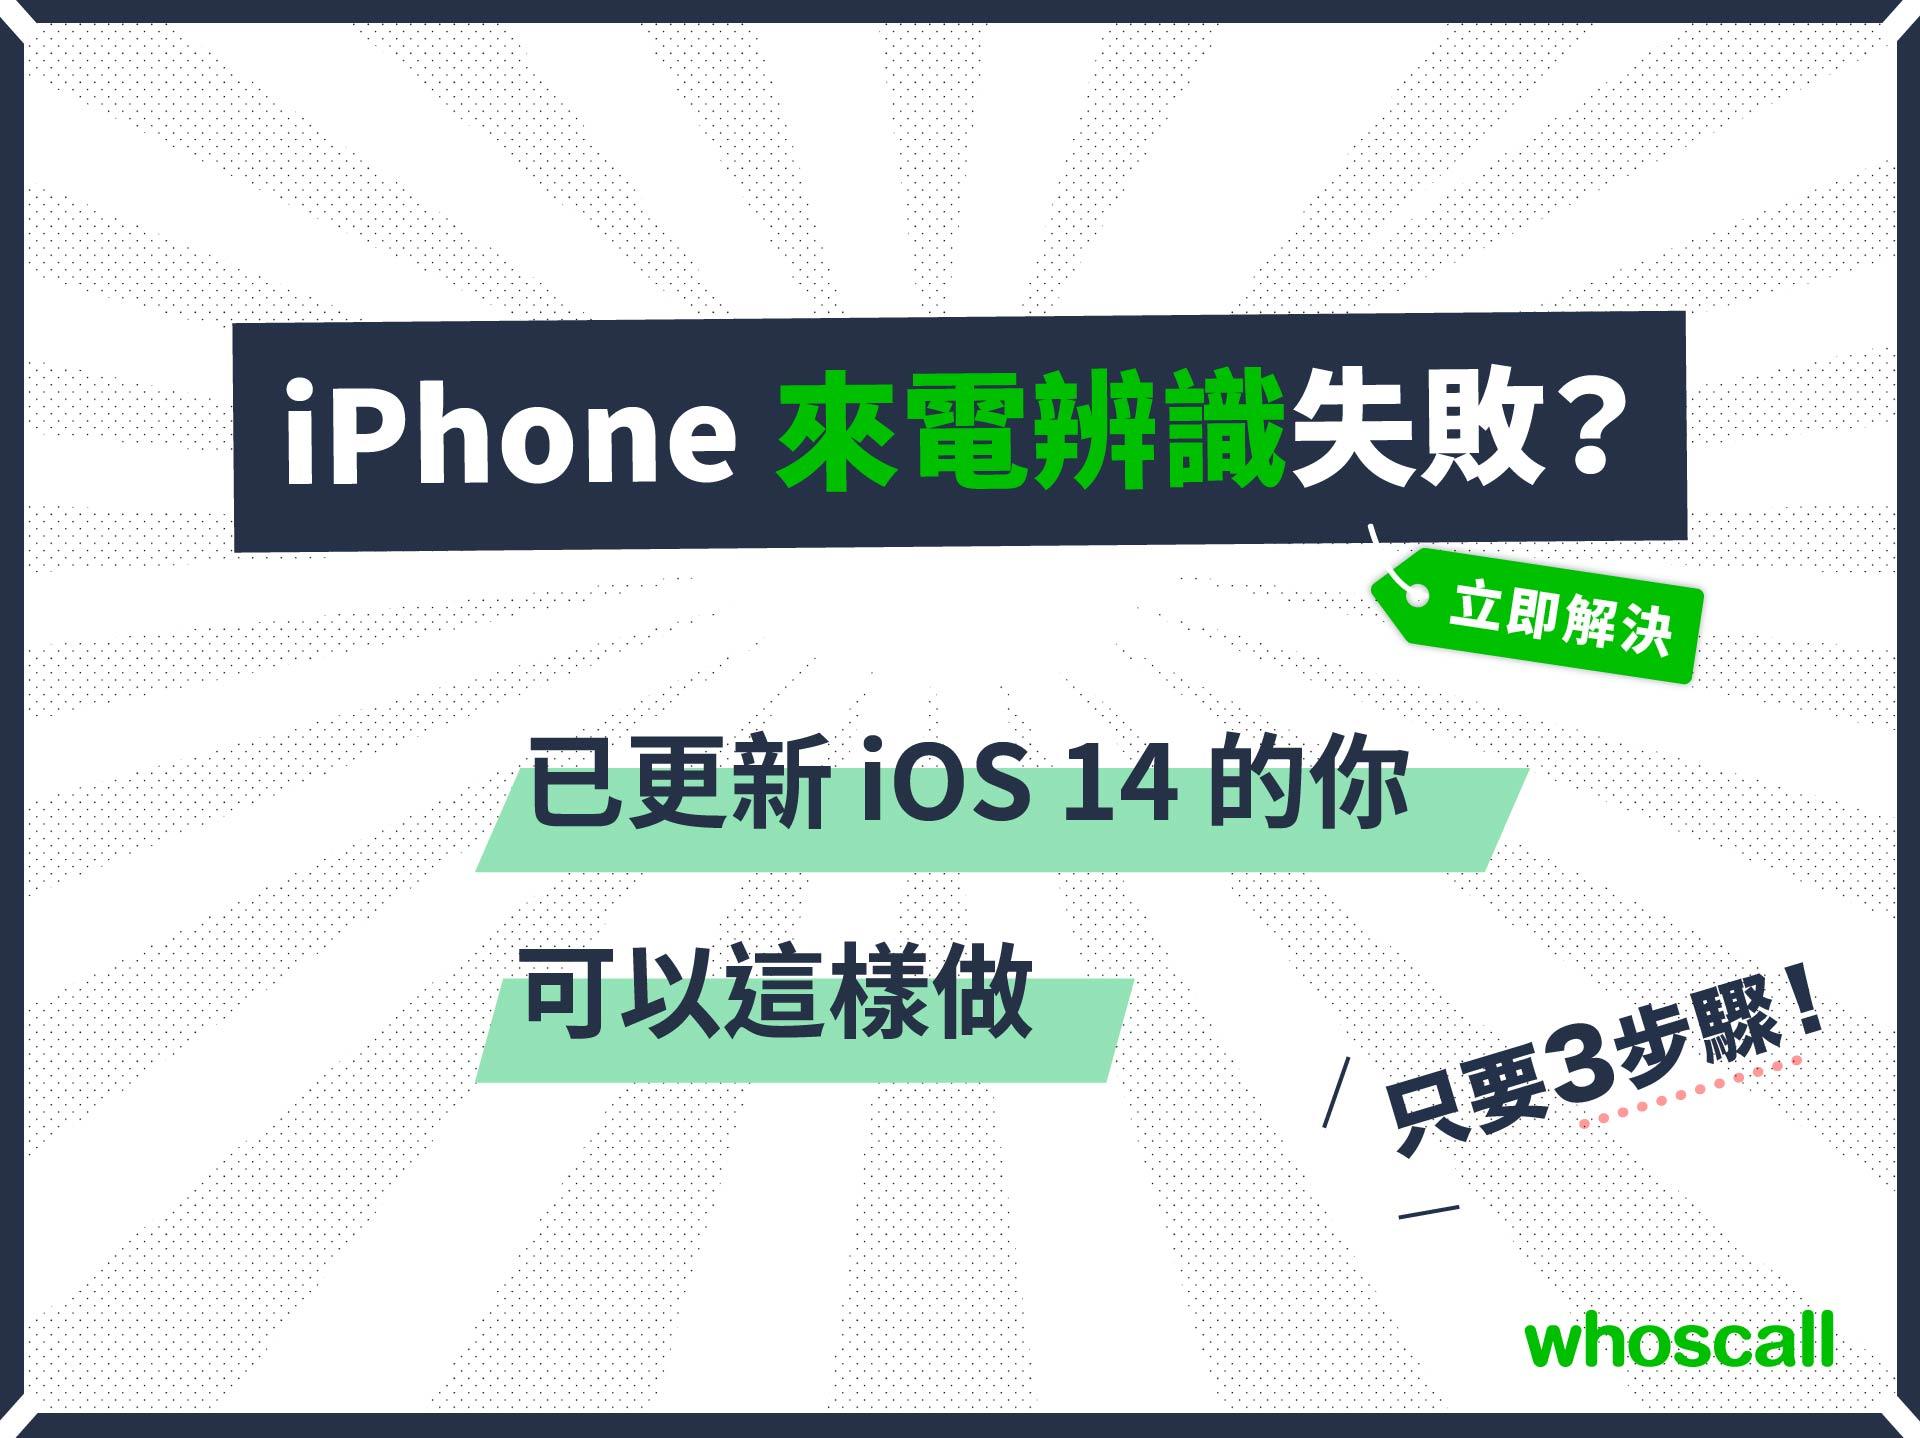 iPhone 無法來電辨識?已更新 iOS 14的你可以這樣做